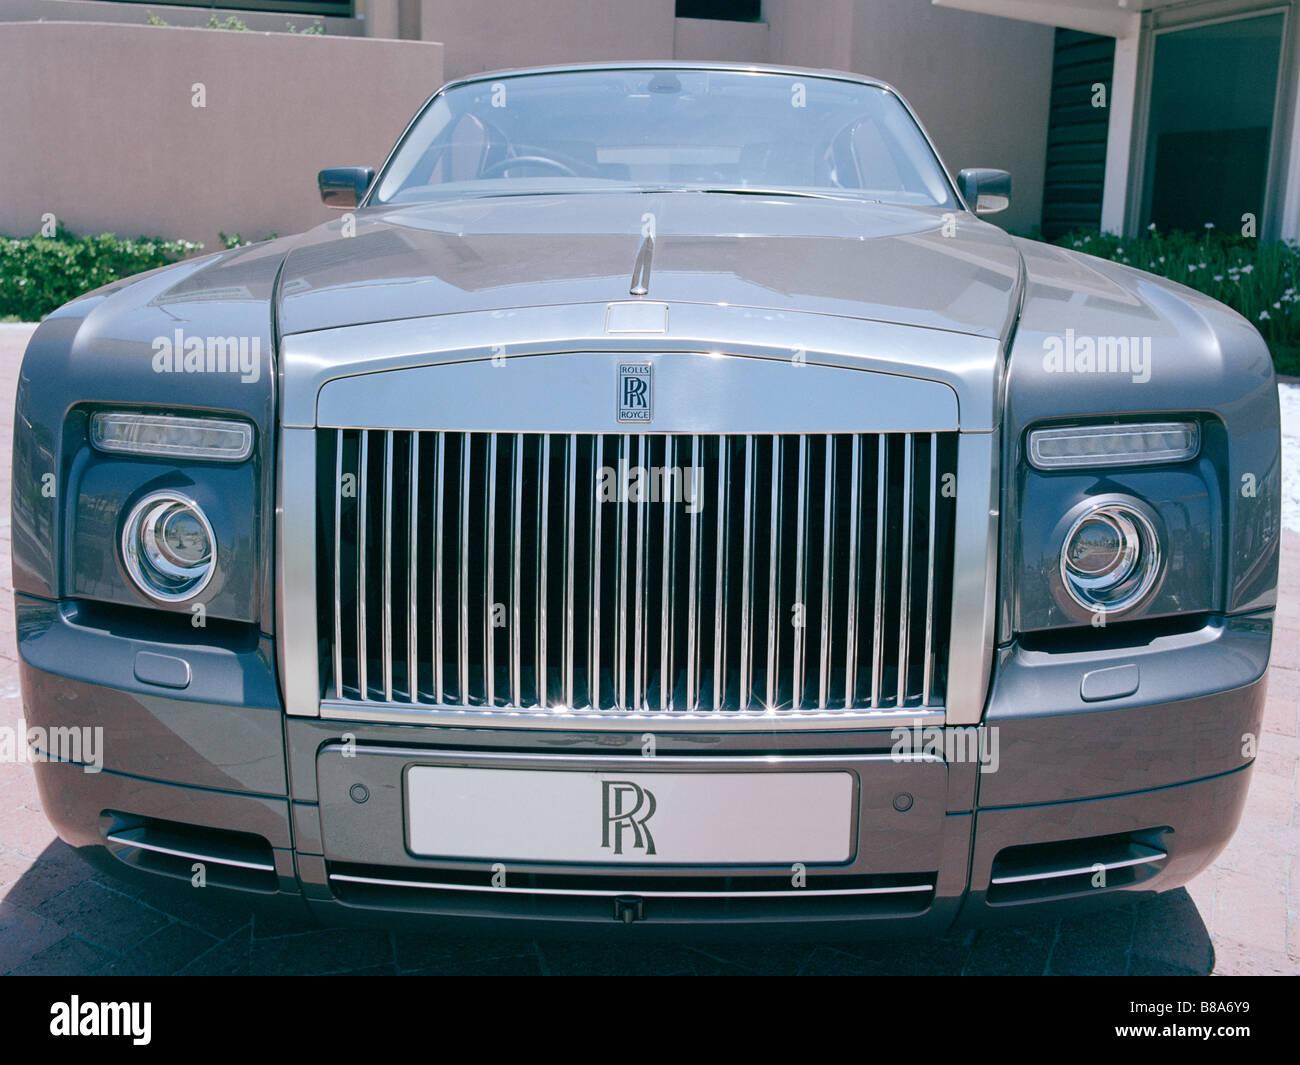 Rolls Royce Auto in Kapstadt in Südafrika in Afrika südlich der Sahara. Reichtum reiche Reiche leben Lebensstil Stockbild